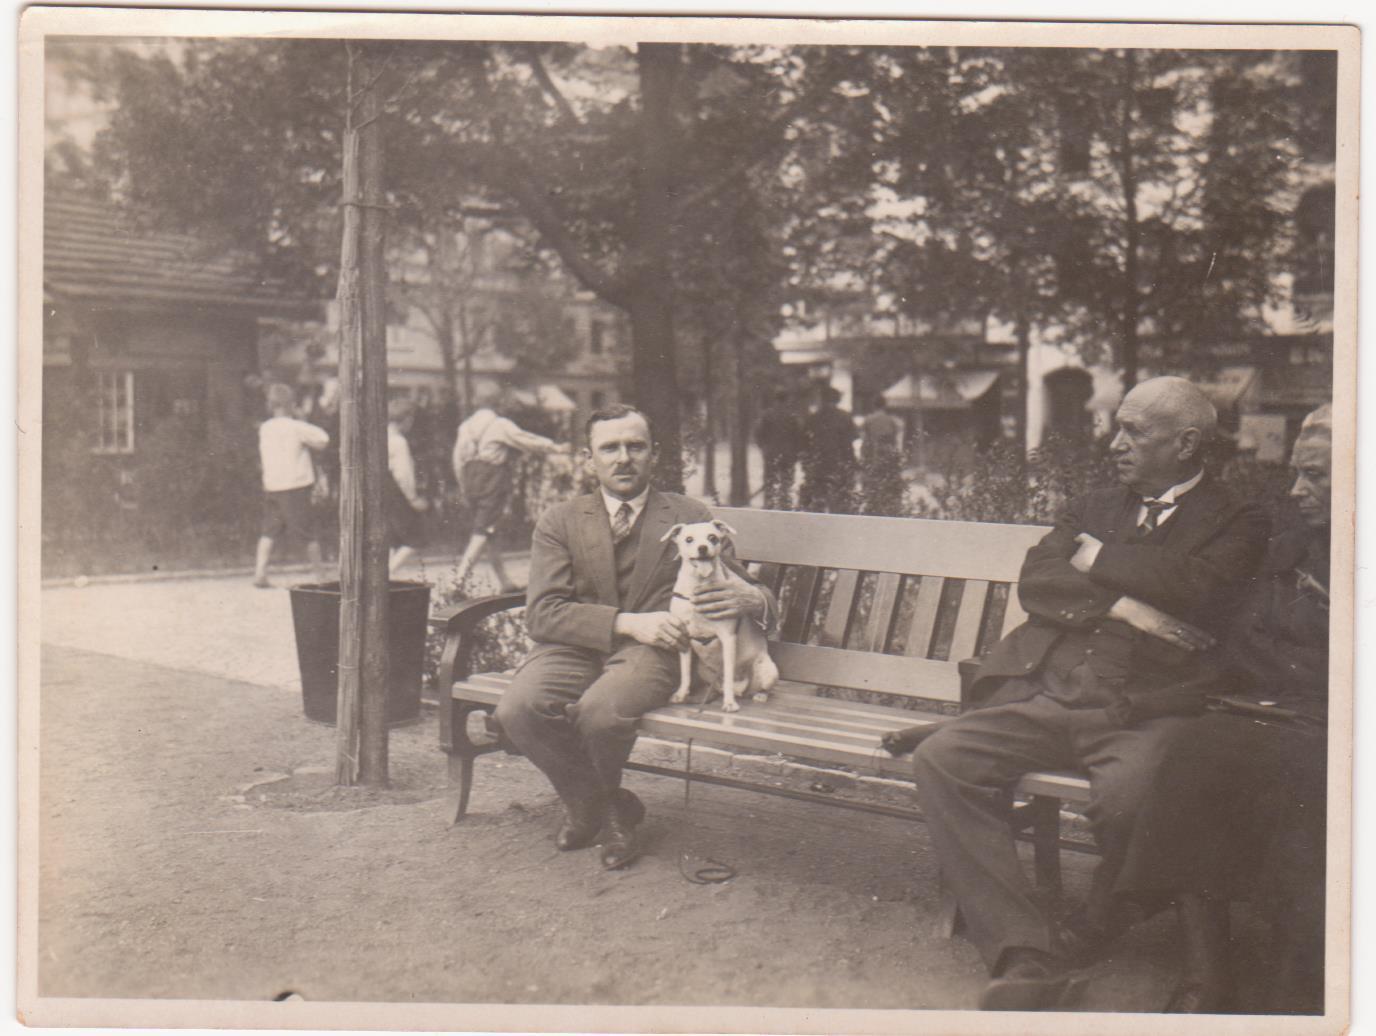 Ludwig's father, Hans Katzenellenbogen, in Berlin in 1930's @Katzenellenbogen family